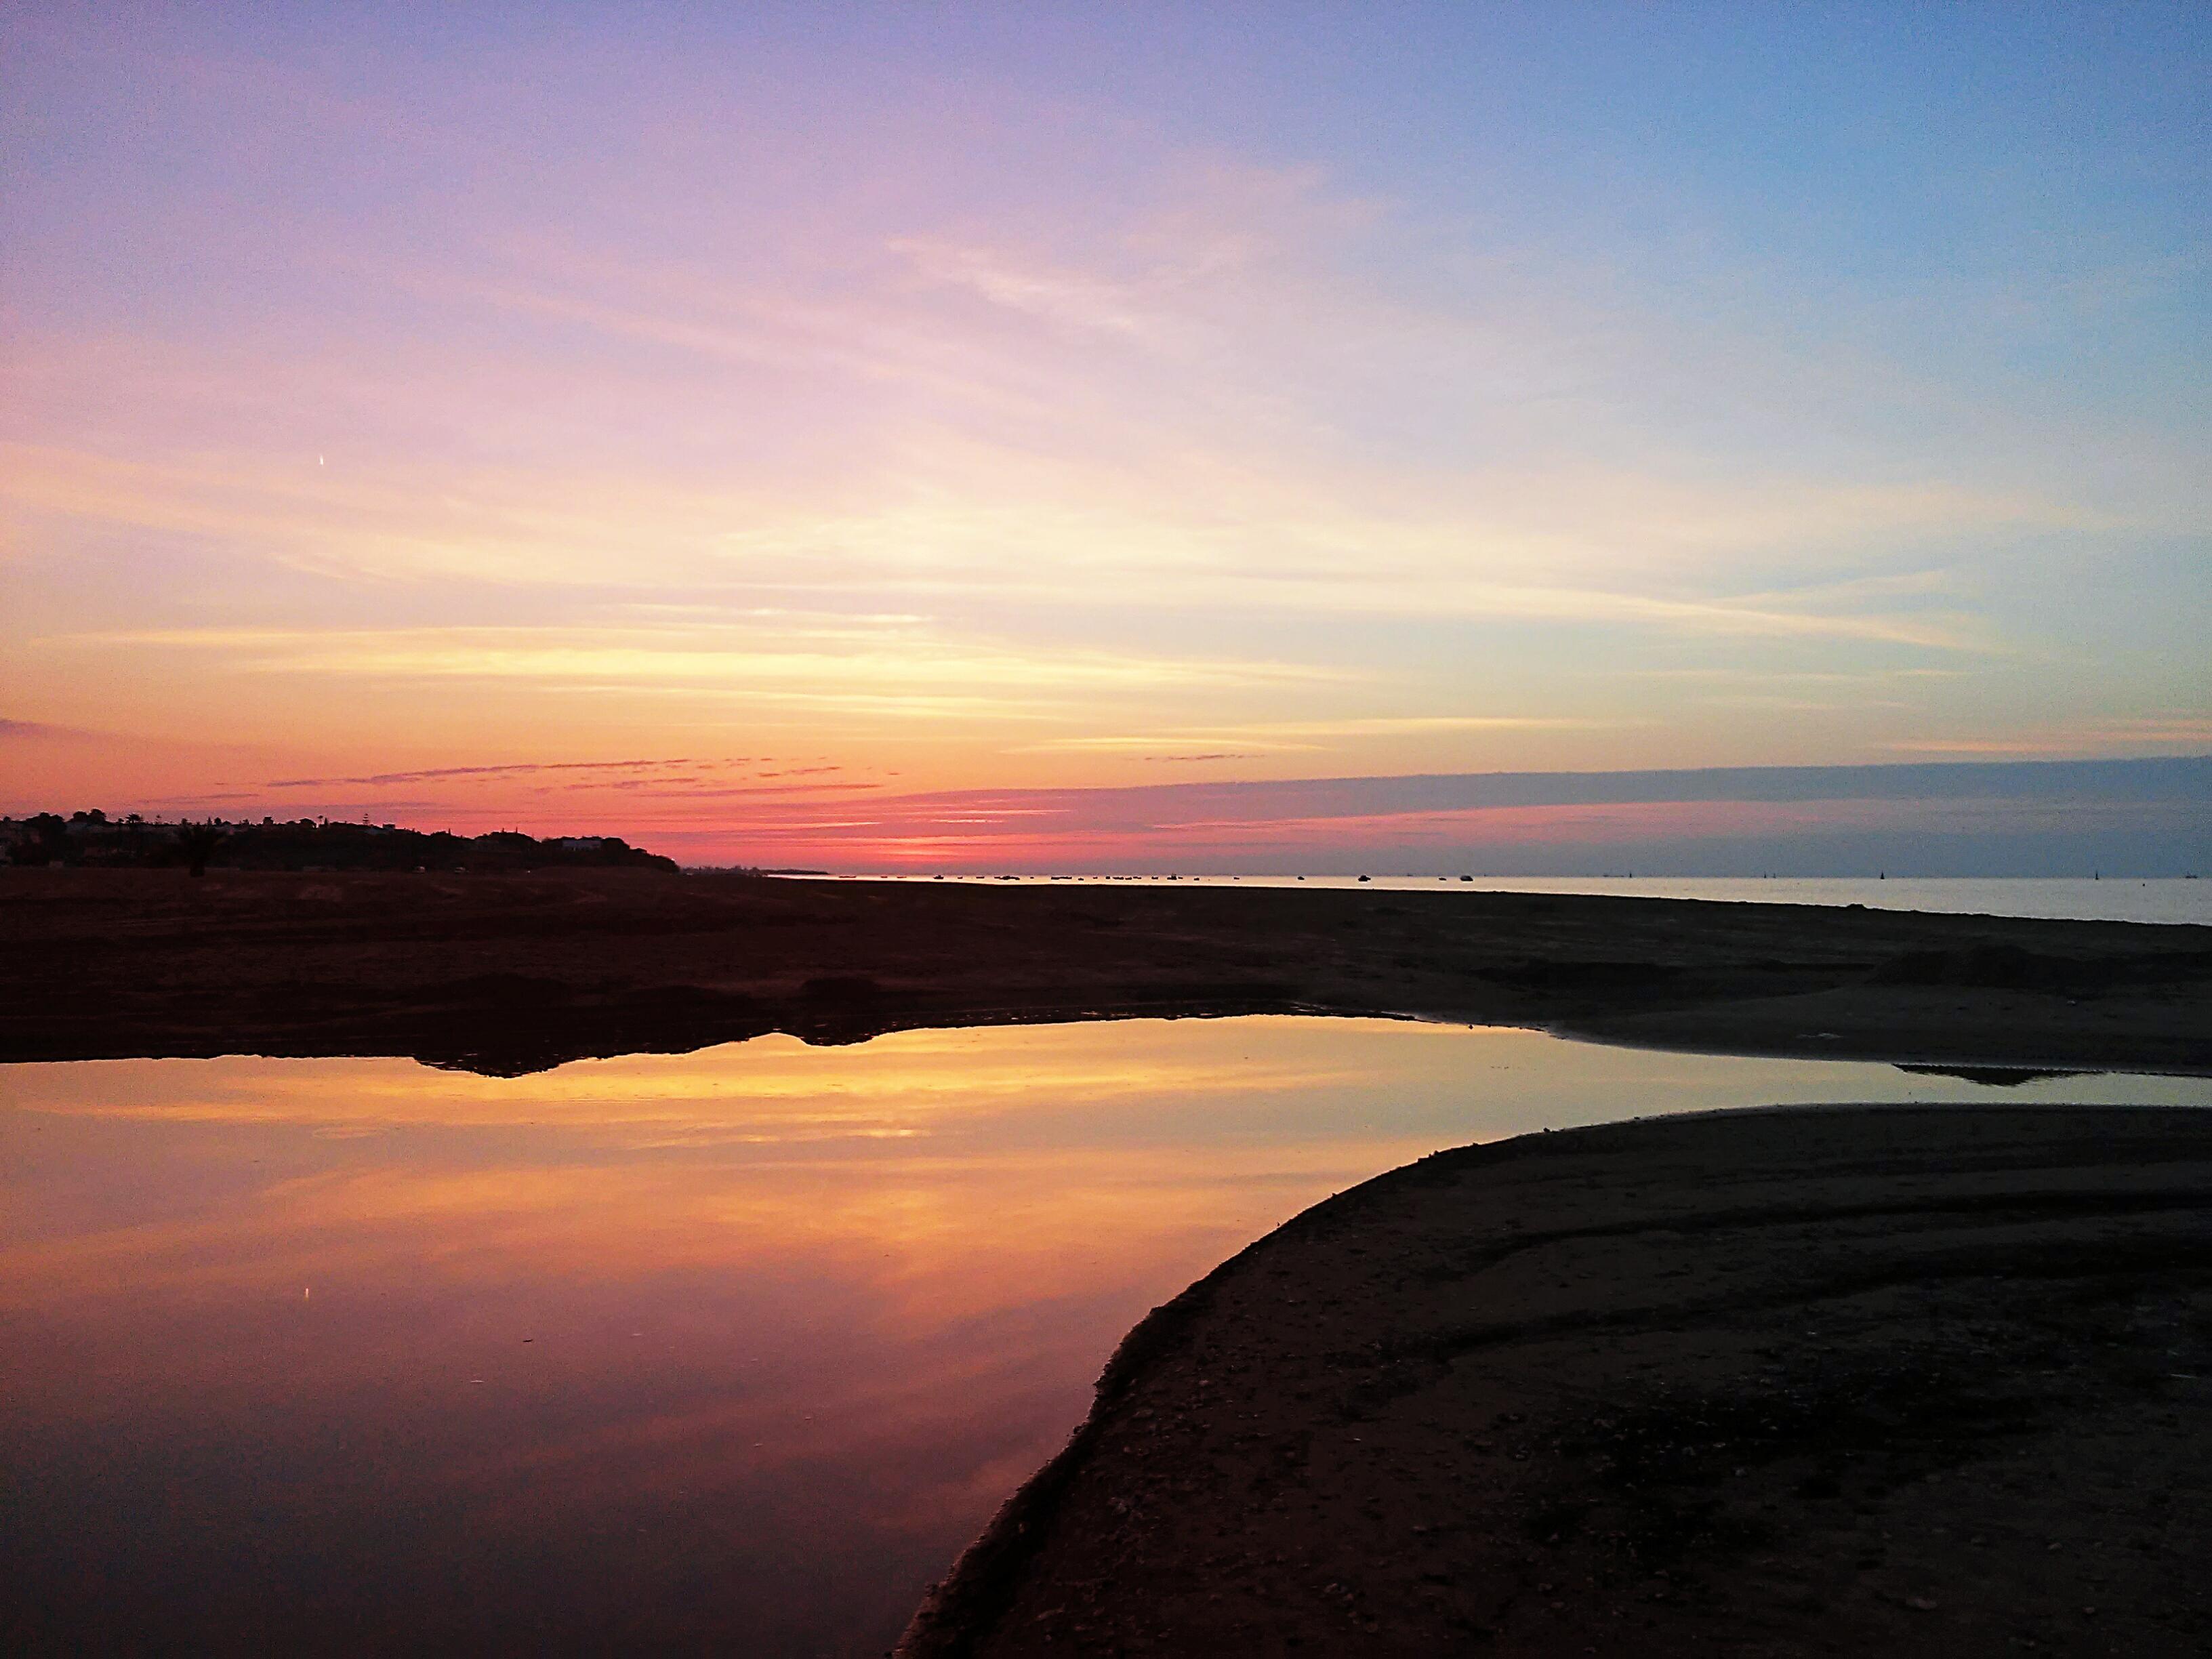 Minimal sunset